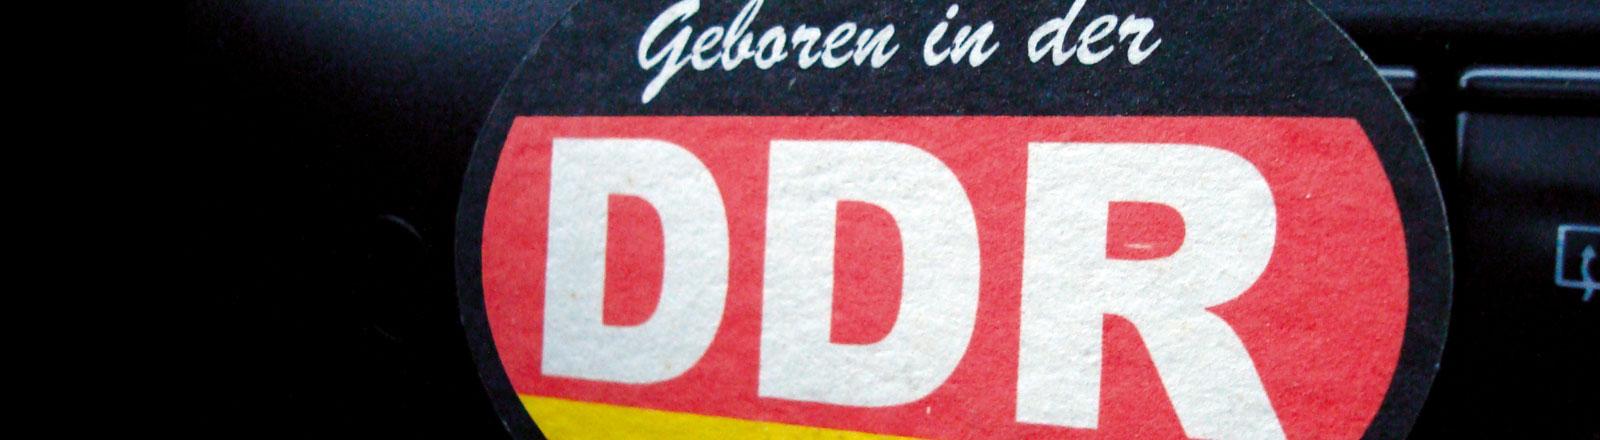 """Ein Aufkleber auf dem """"Geboren in der DDR"""" steht."""